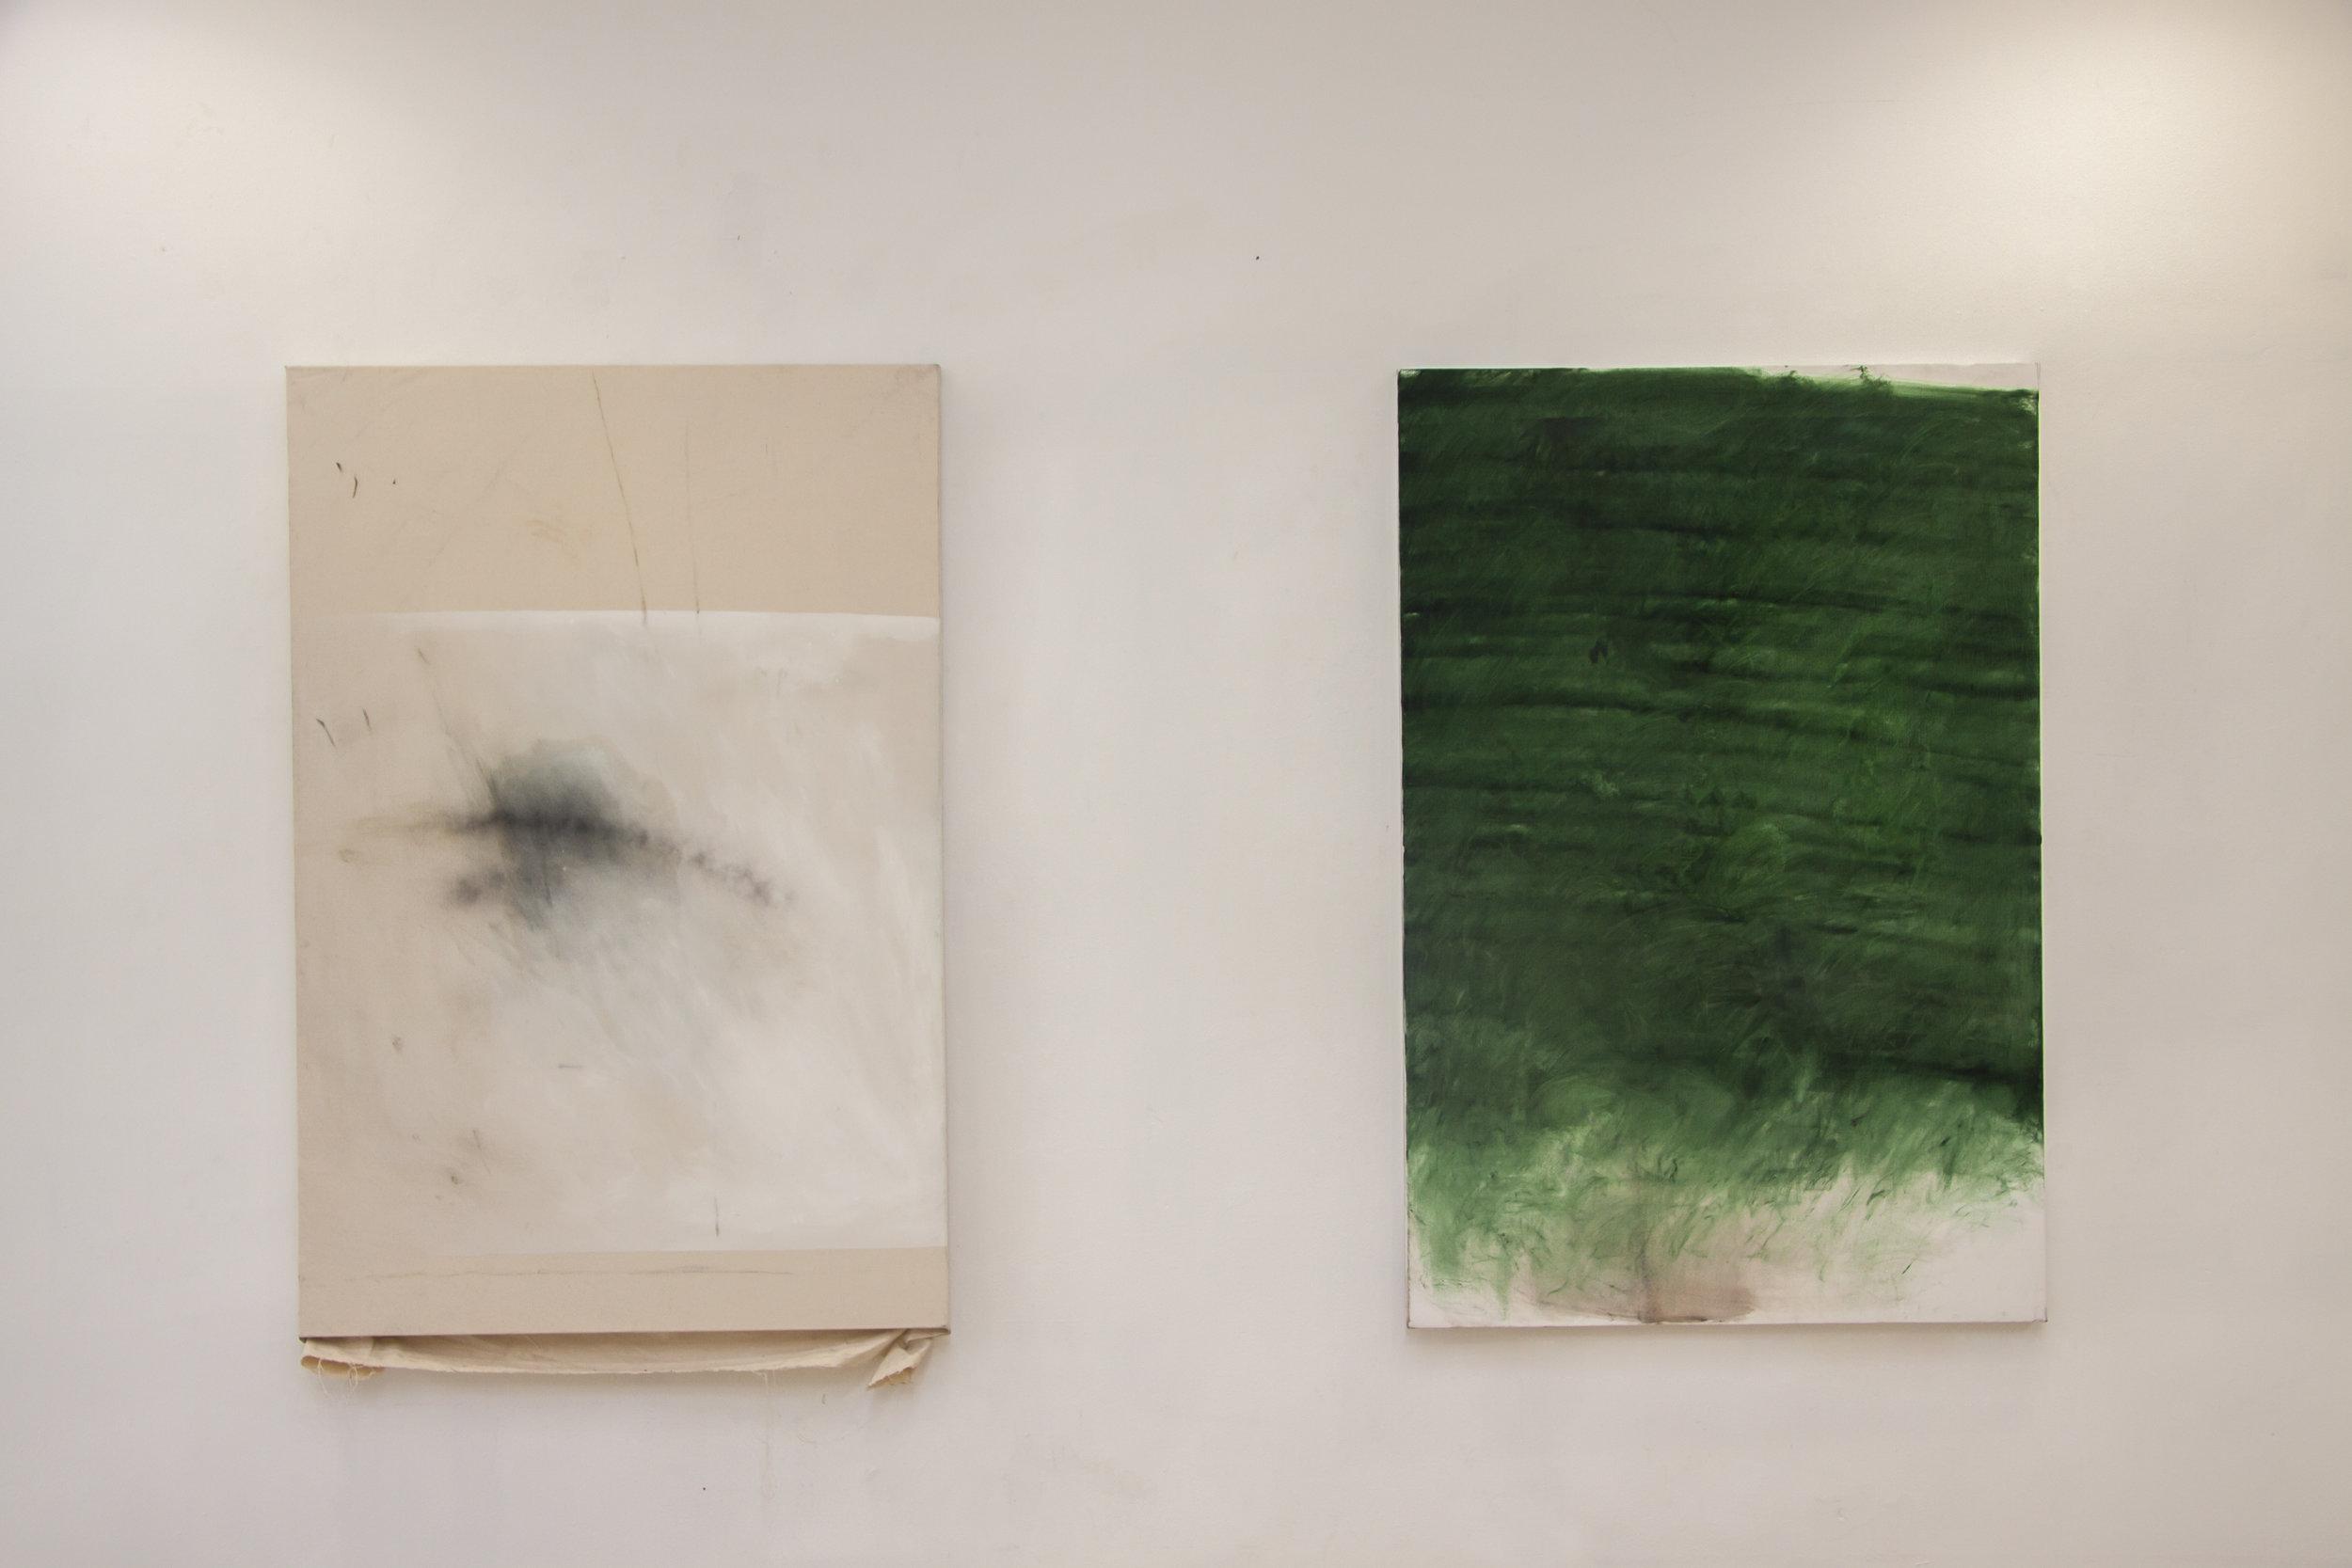 SIN TÍTULO  Técnica: Mixta sobre tela  Medida: 150 x 100 cm  Año: 2015